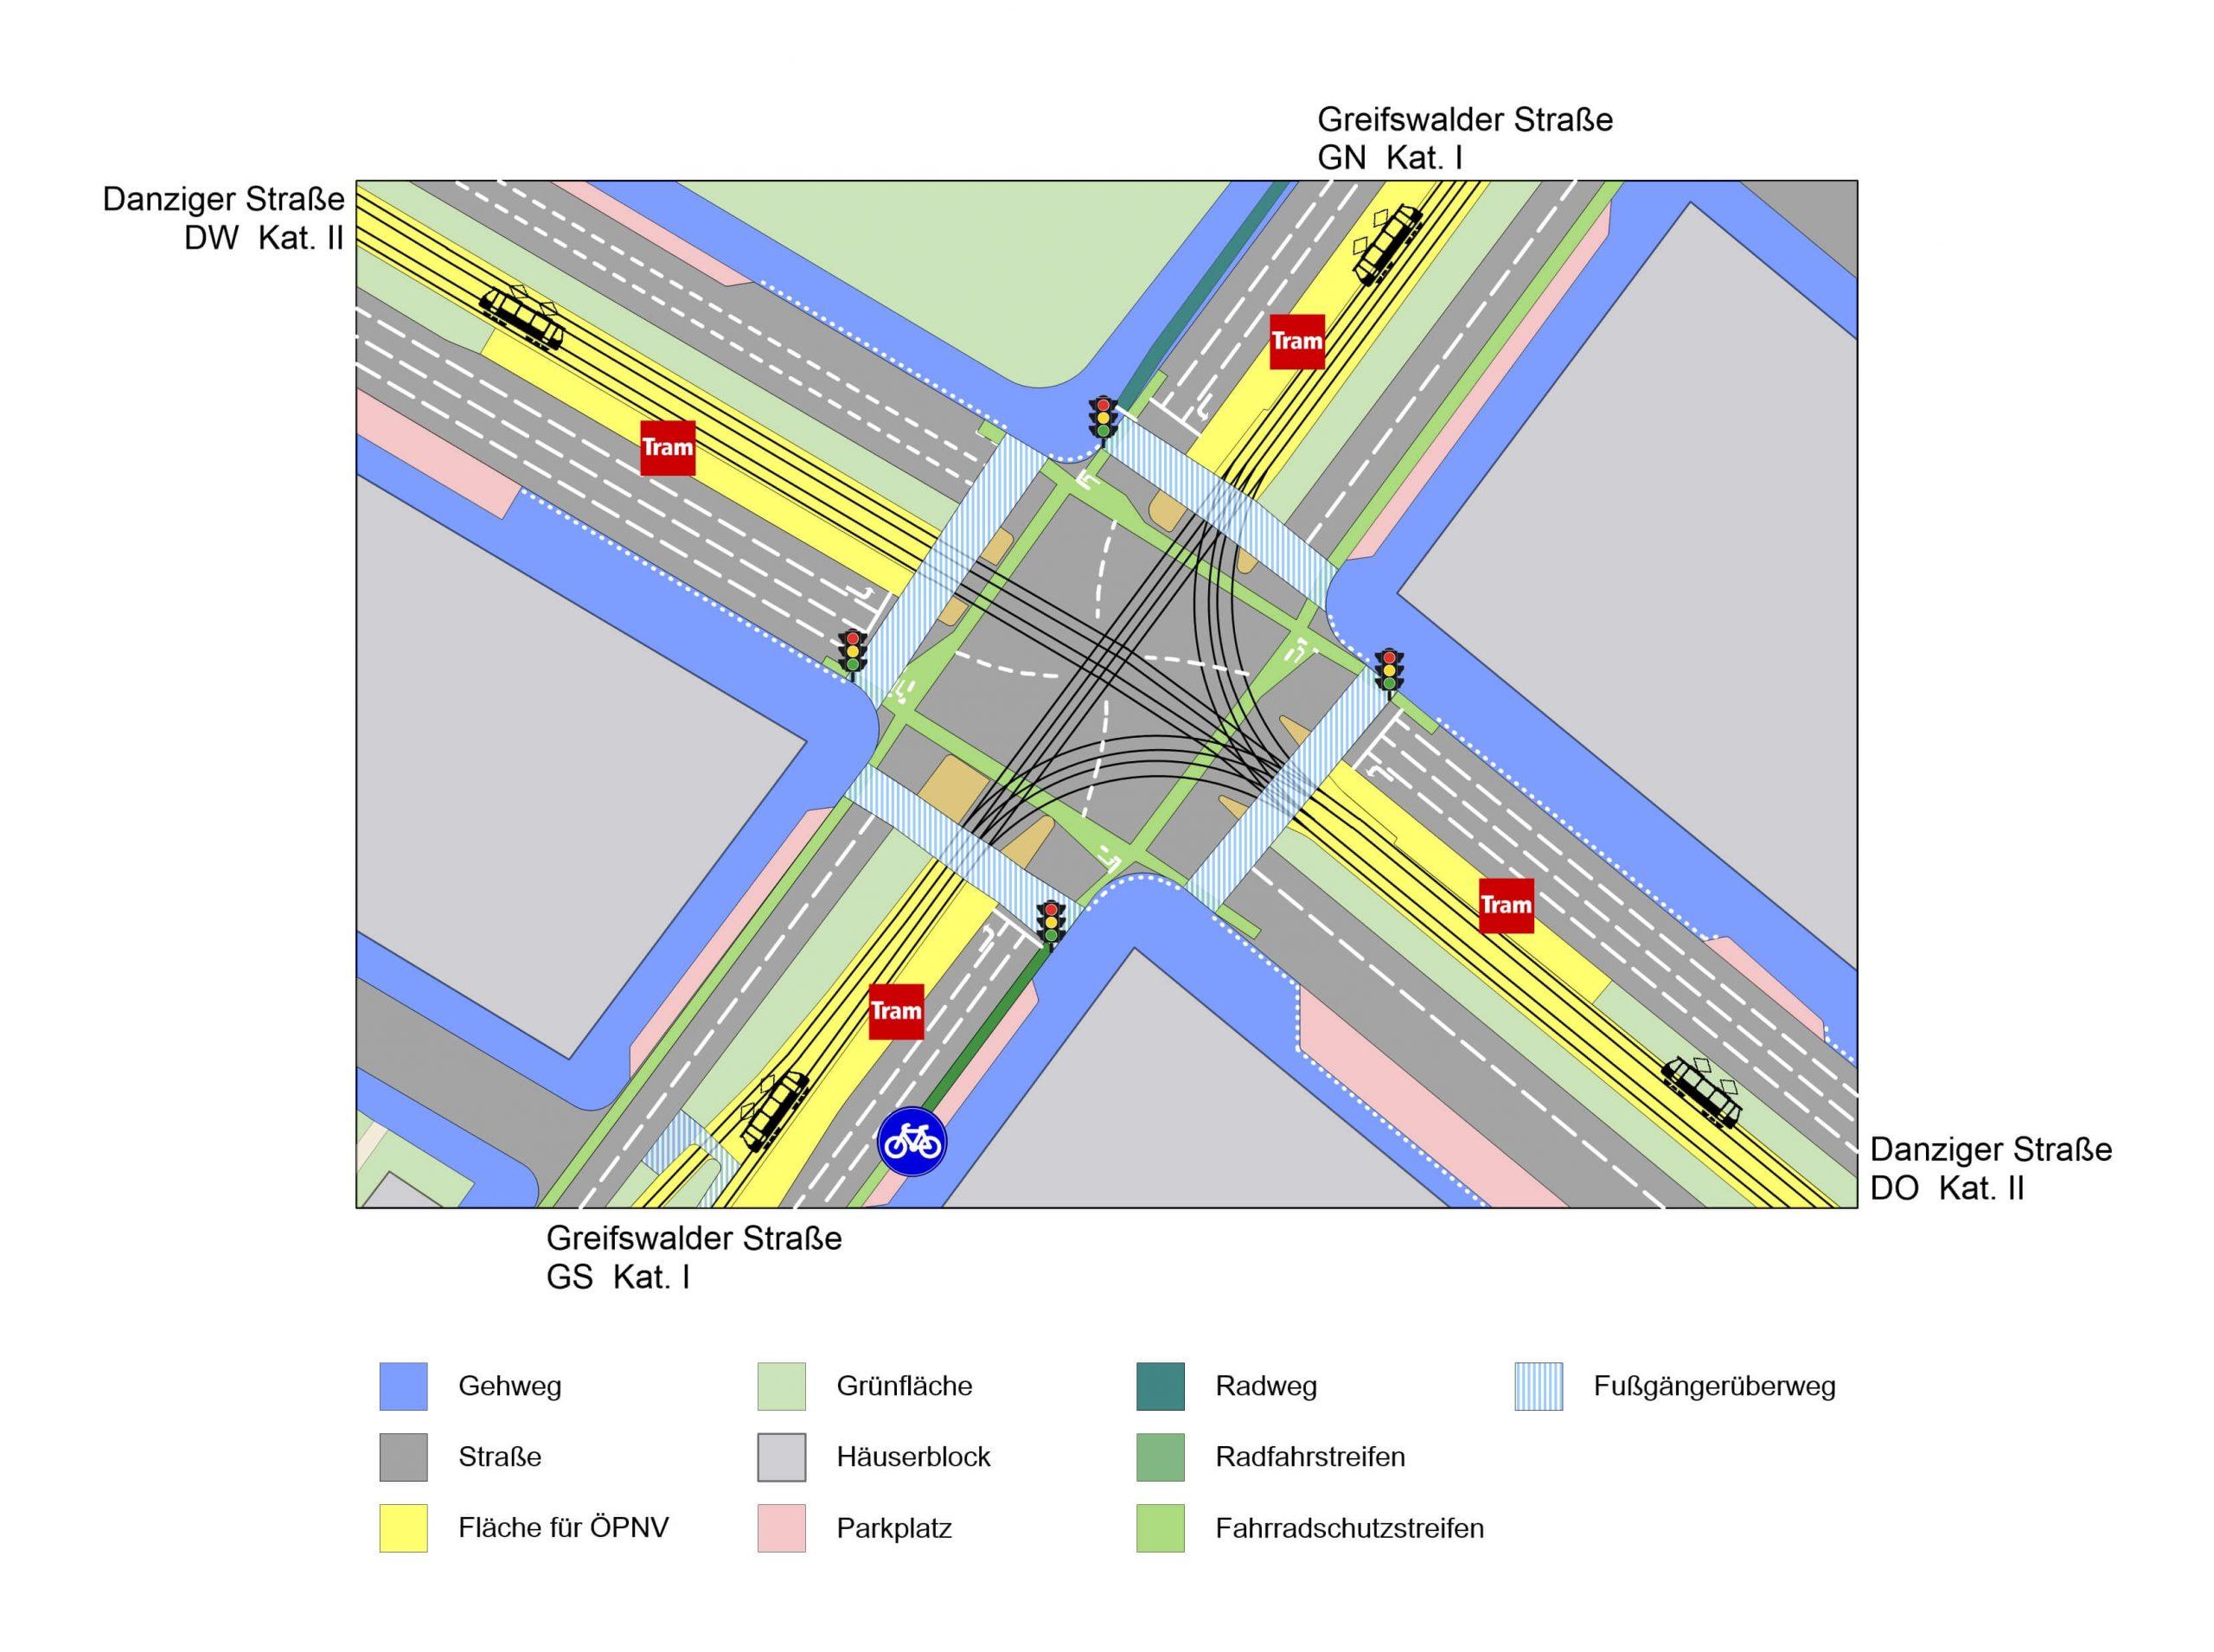 Die Karte stellt den Aufbau der Kreuzung Greifswalder Straße / Danziger Straße dar. Dabei handelt es sich um einen großen Knotenpunkt mit je mindestens drei Fahrstreifen je Richtung und Tram-Verkehr. Die aufgetretenen Konflikte wurden in der Karte nach ihrer genauen Lage und der Art der Konflikte eingetragen. So sind besonders kritische Bereiche der Kreuzung und häufige Konfliktursachen leicht ersichtlich. Es gibt drei Arten von Konflikte: das Einhalten der Straßenverkehrsordnung, die nicht angemessene Verkehrsinfrastruktur oder Probleme im Verkehrsfluss.